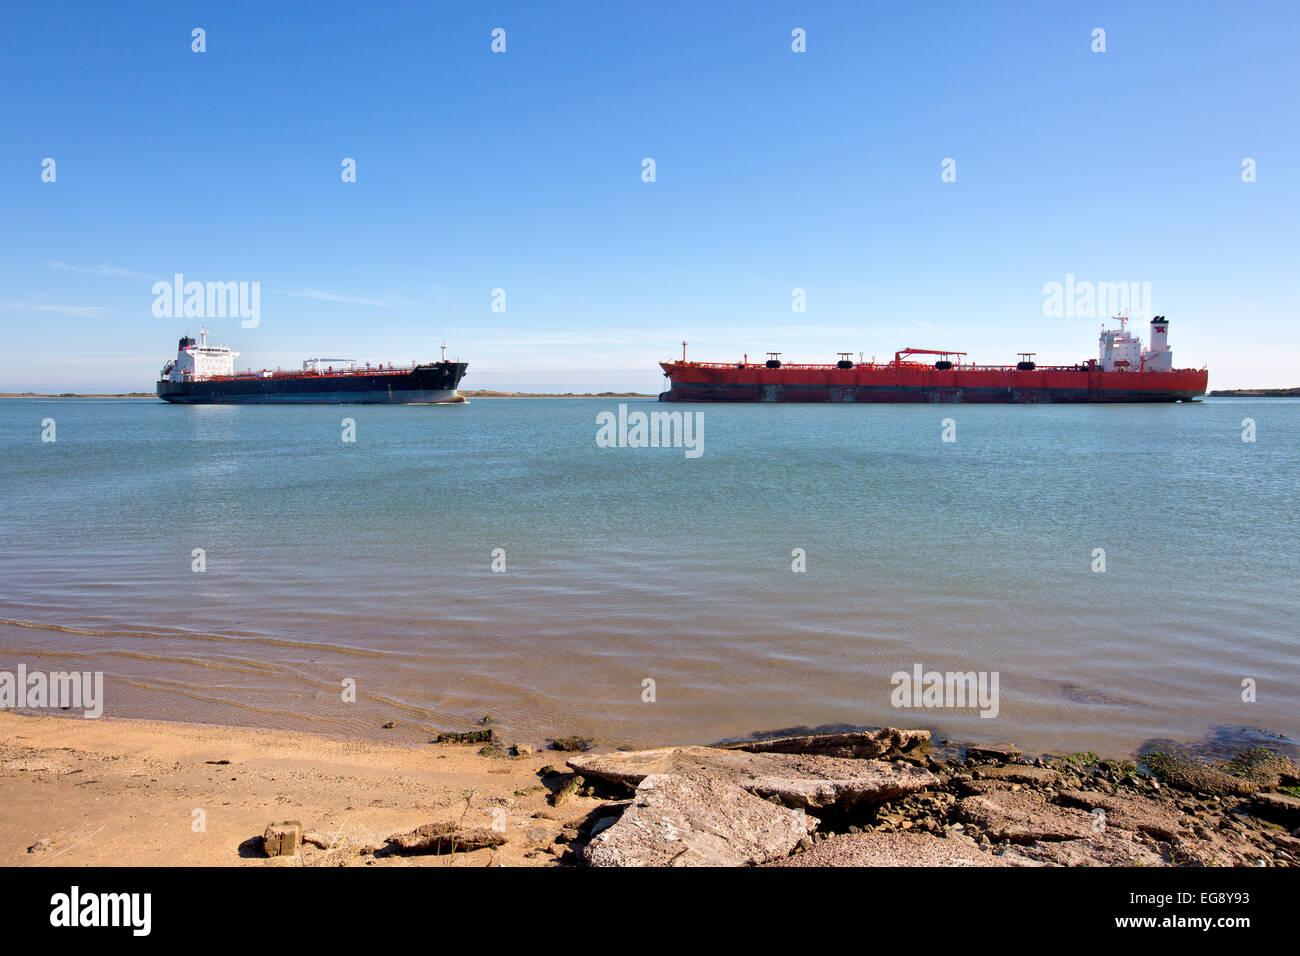 Petroleum Tankers en route, Corpus Christi Ship Channel. - Stock Image